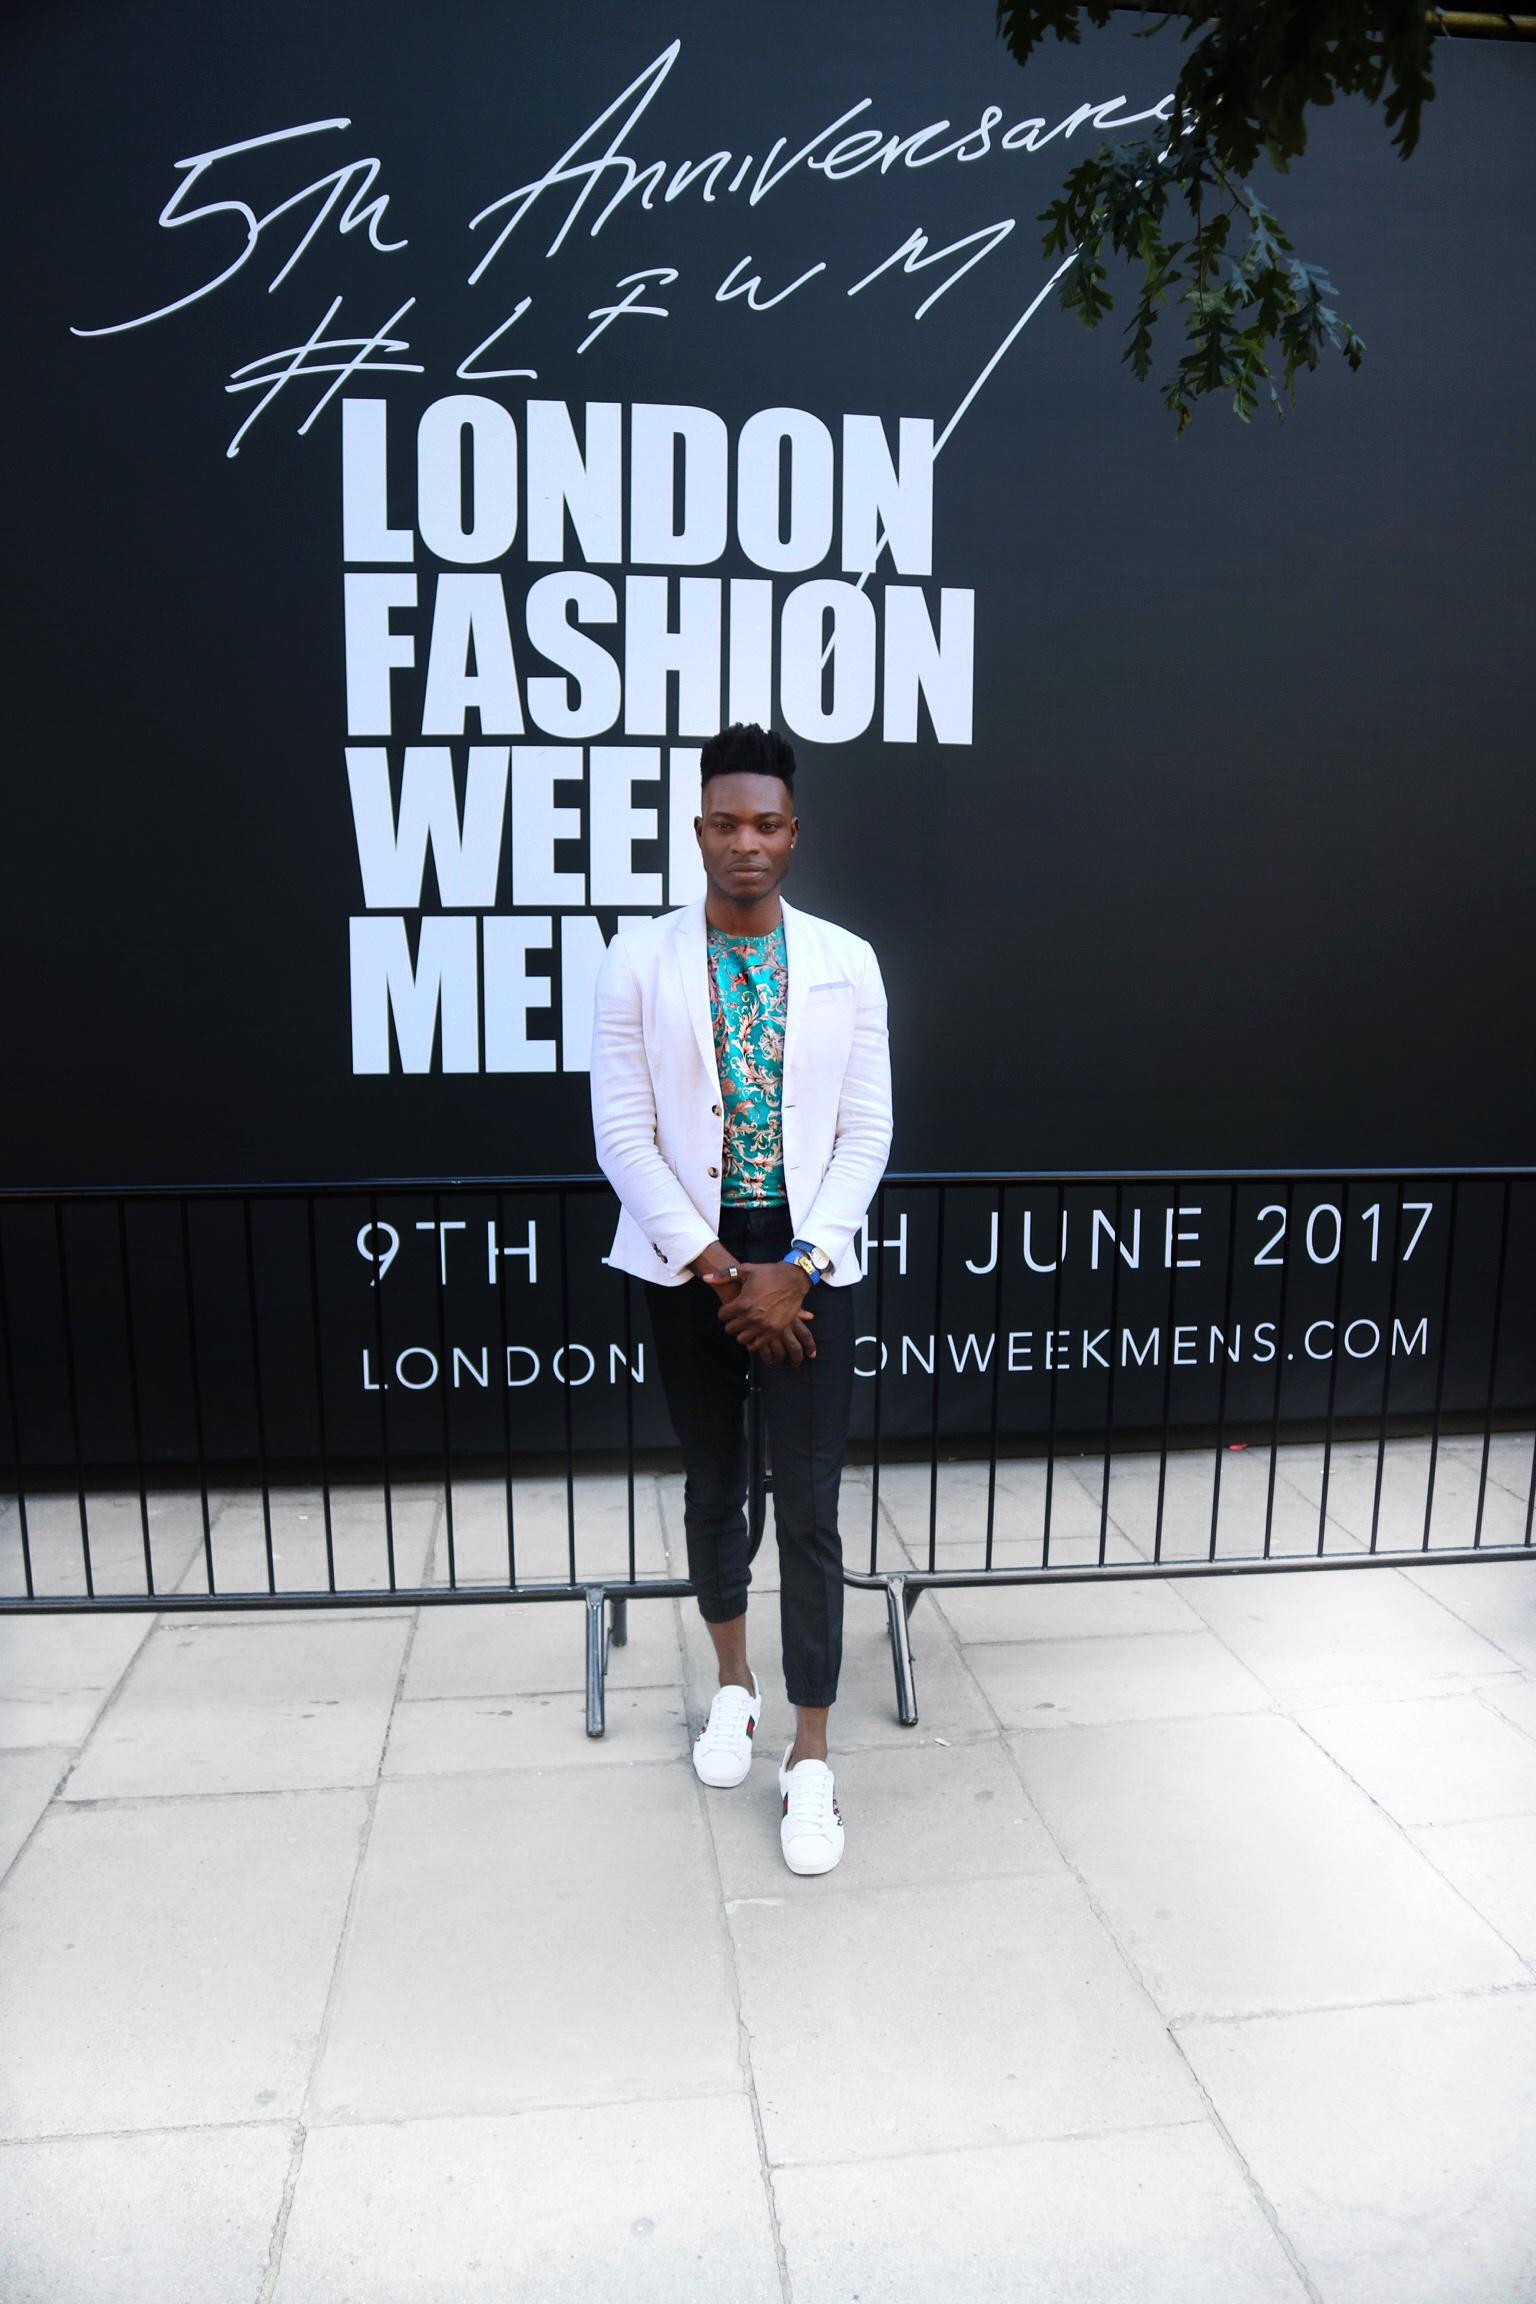 London fashion week men's ss18